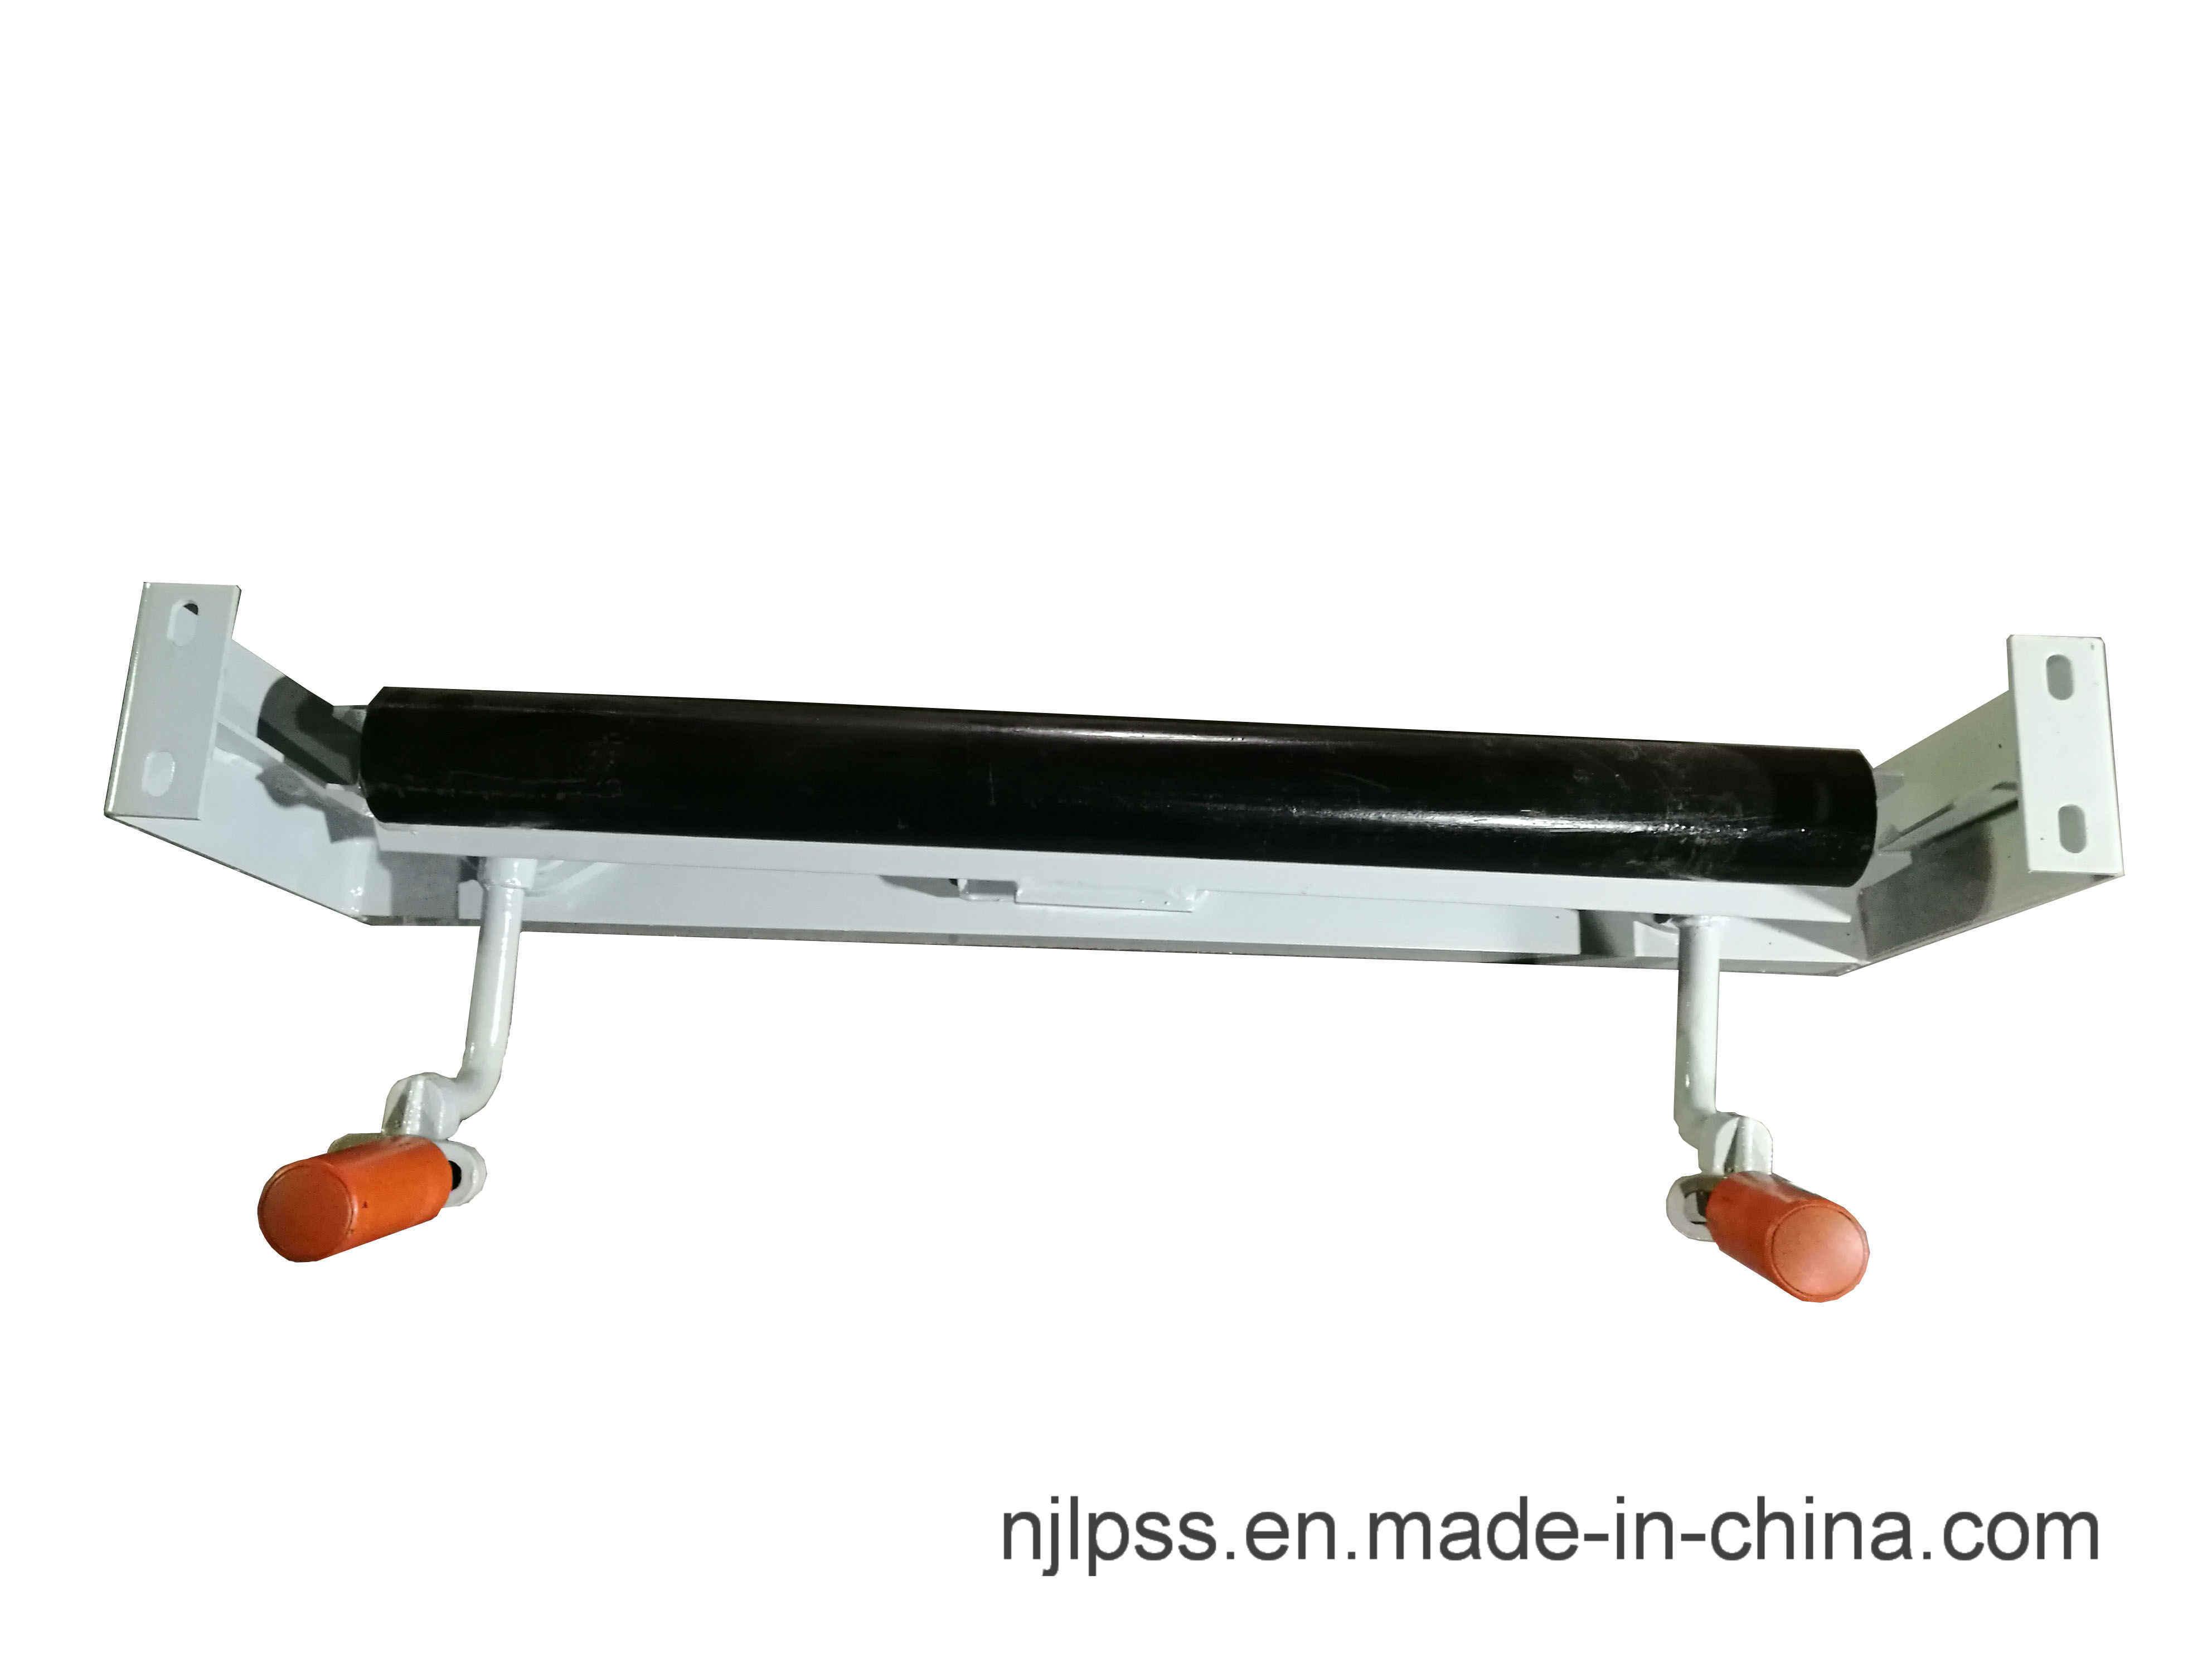 Carrier Self Aligning Roller Group for Belt Conveyor Dtd-X